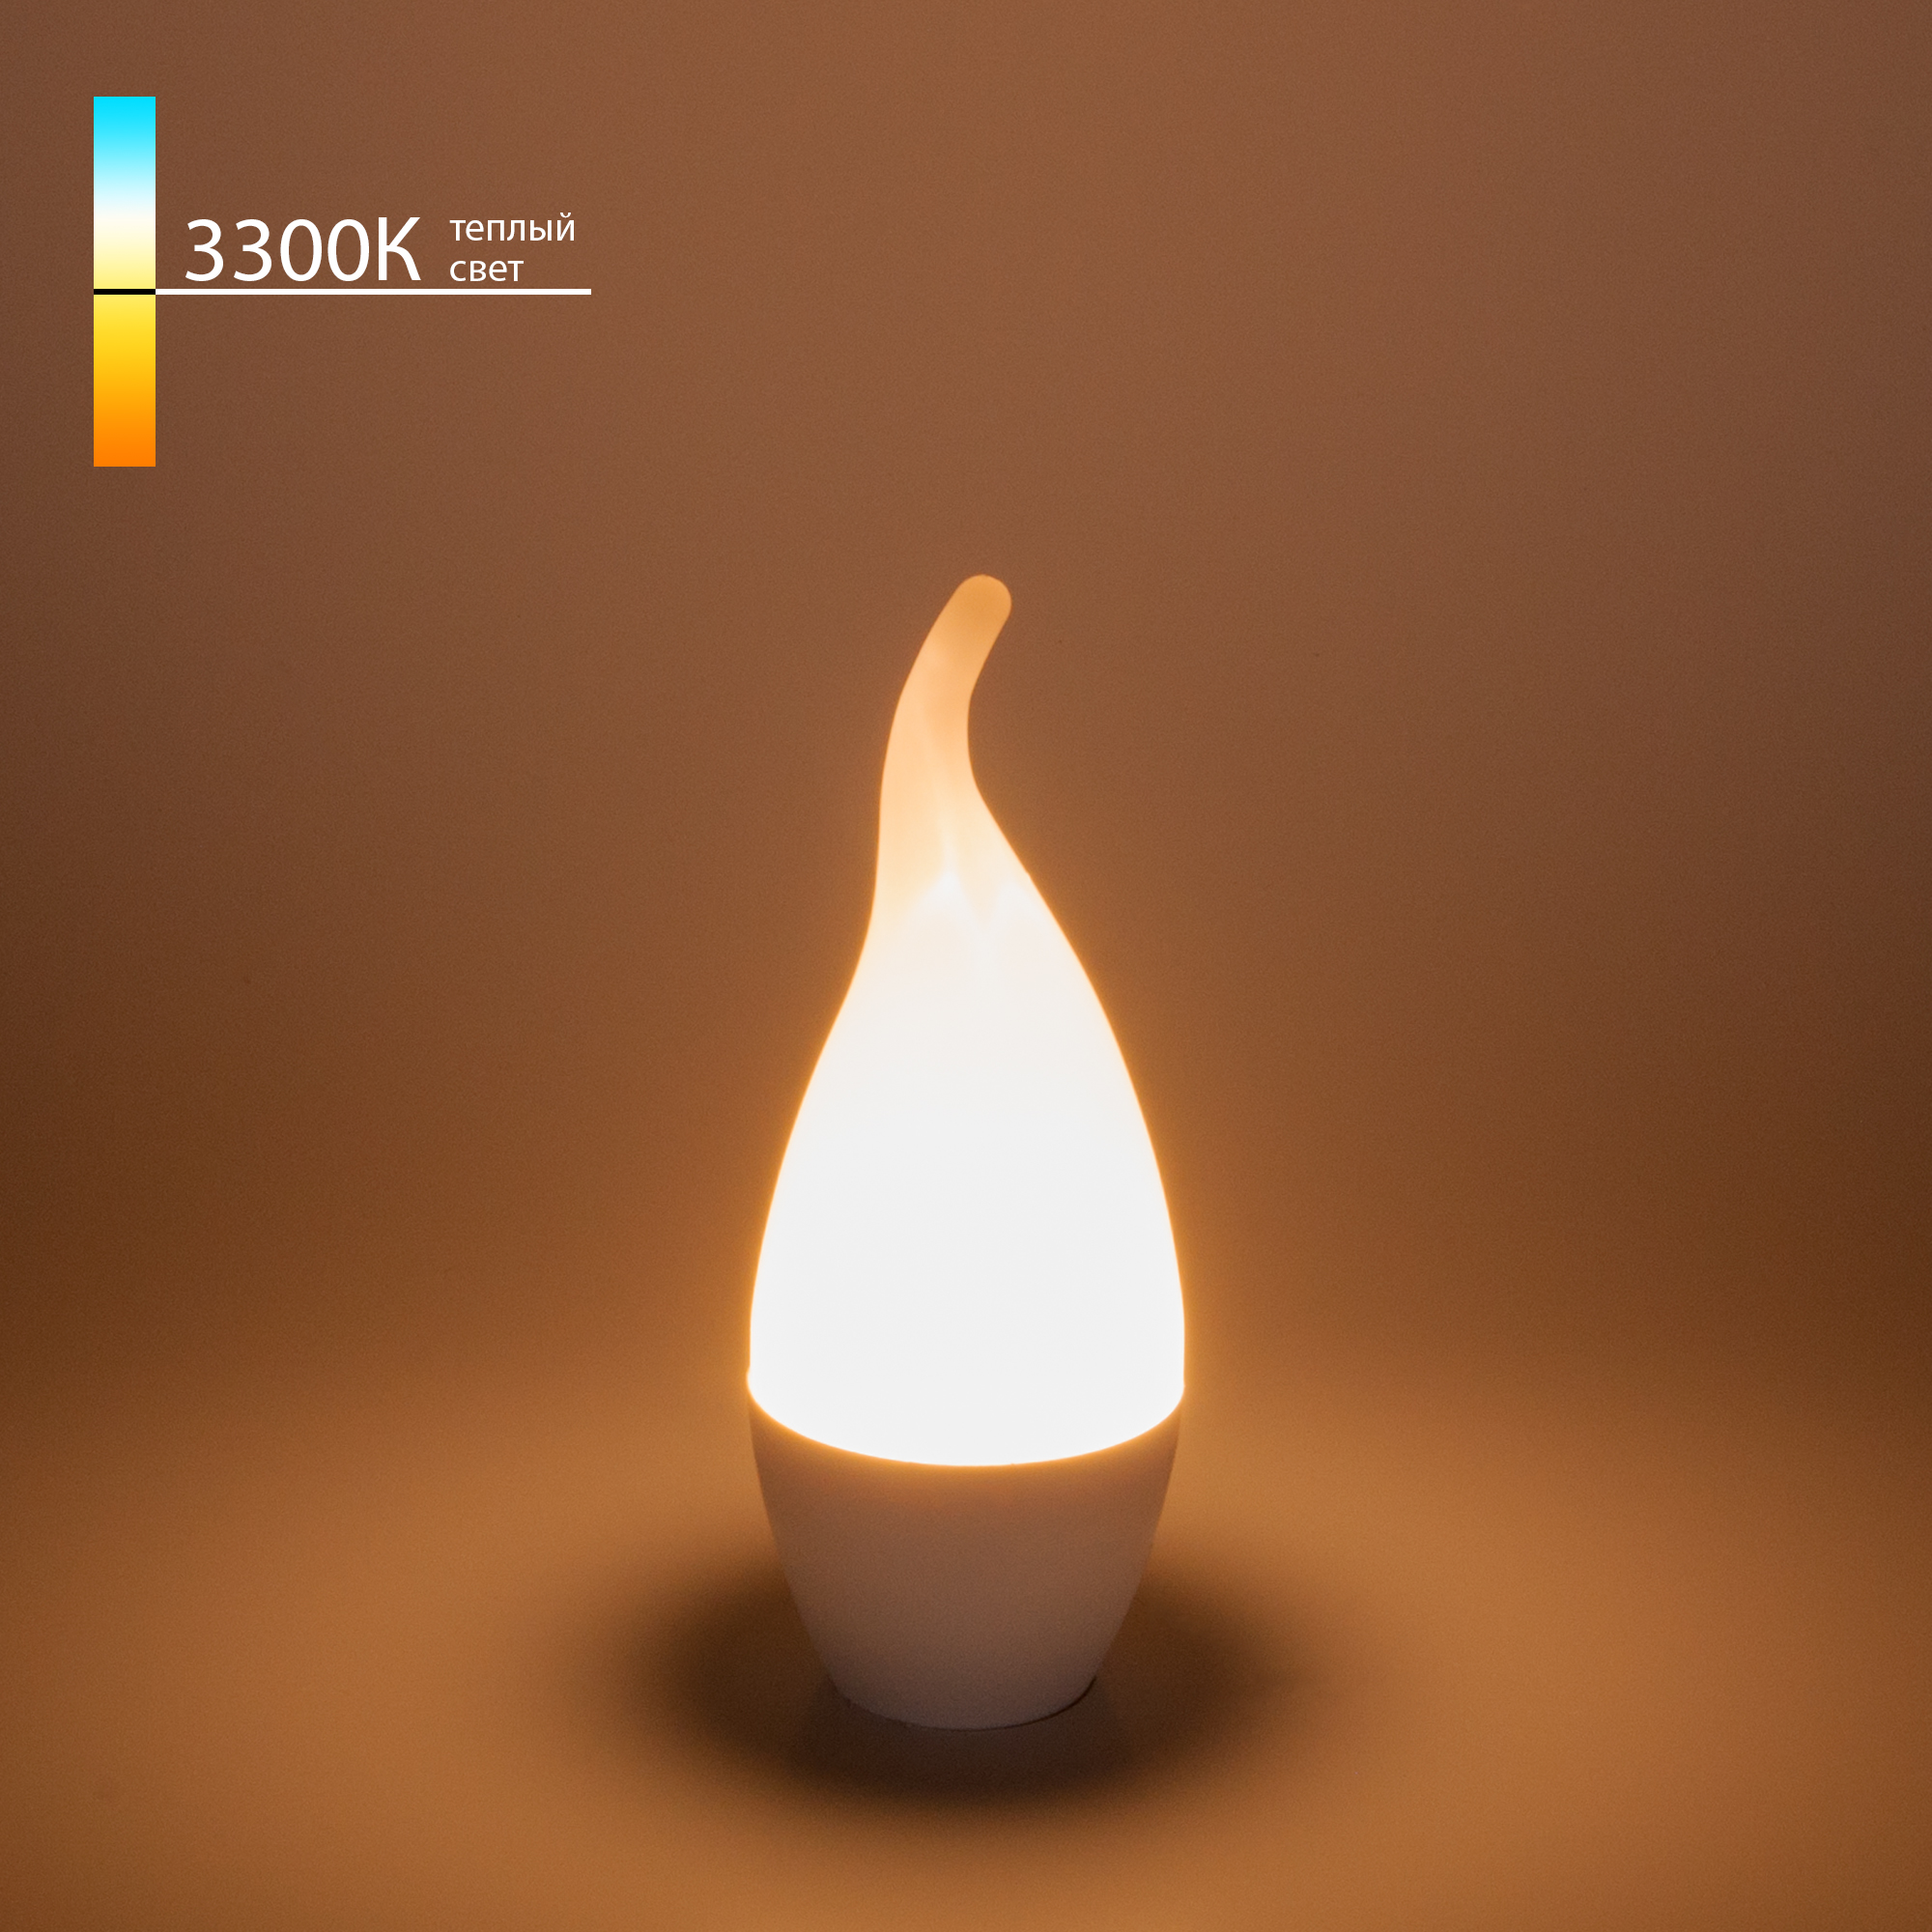 Светодиодная лампа Свеча на ветру CDW LED D 6W 3300K E14